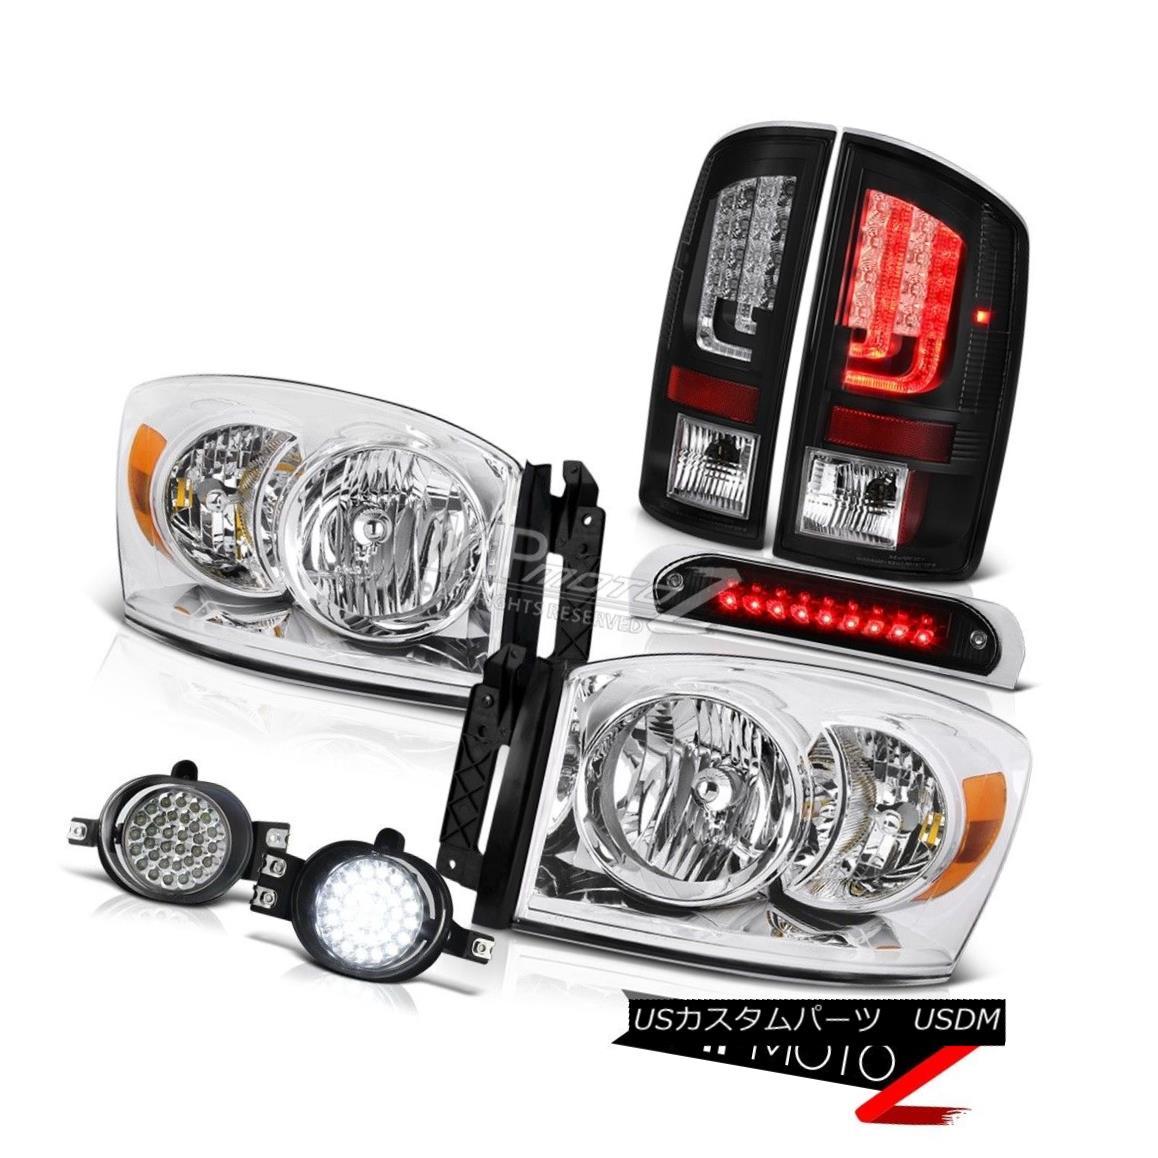 テールライト 07-08 Ram 1500 2500 1500 3.7L Taillamps Roof Cab Light Headlights Fog Lamps SMD 07-08ラム1500 2500 1500 3.7LタイルランプルーフキャブライトヘッドライトフォグランプSMD